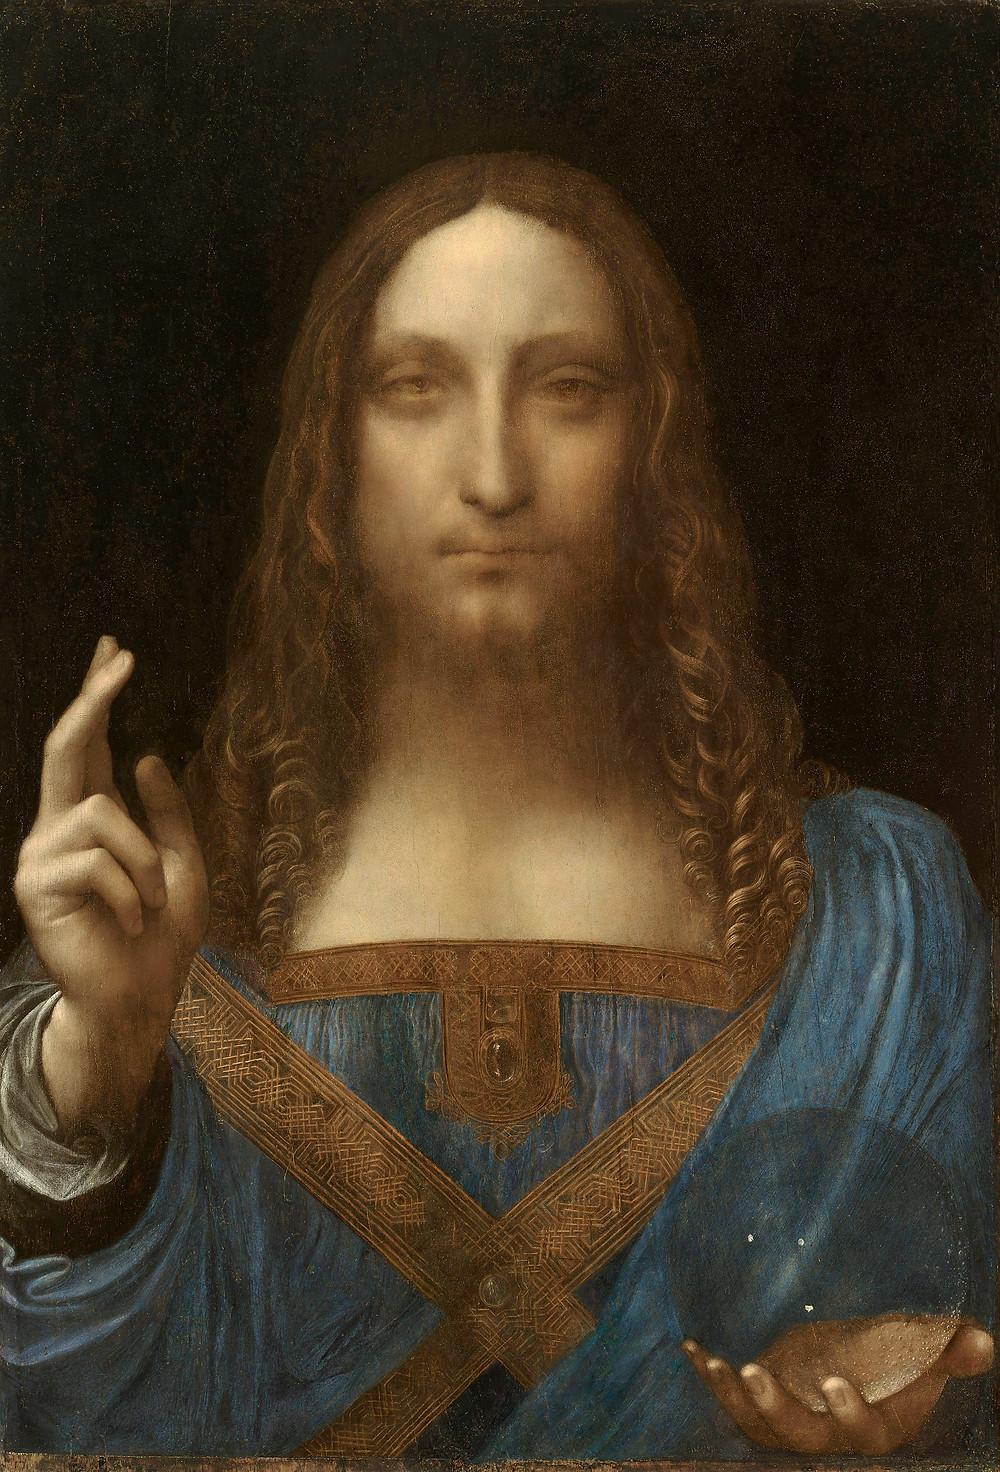 Leonardo da Vinci (1452-1519). - Salvator Mundi, c. 1500. | Óleo sobre tela, 65,6x45,4 cm. - Coleção particular.